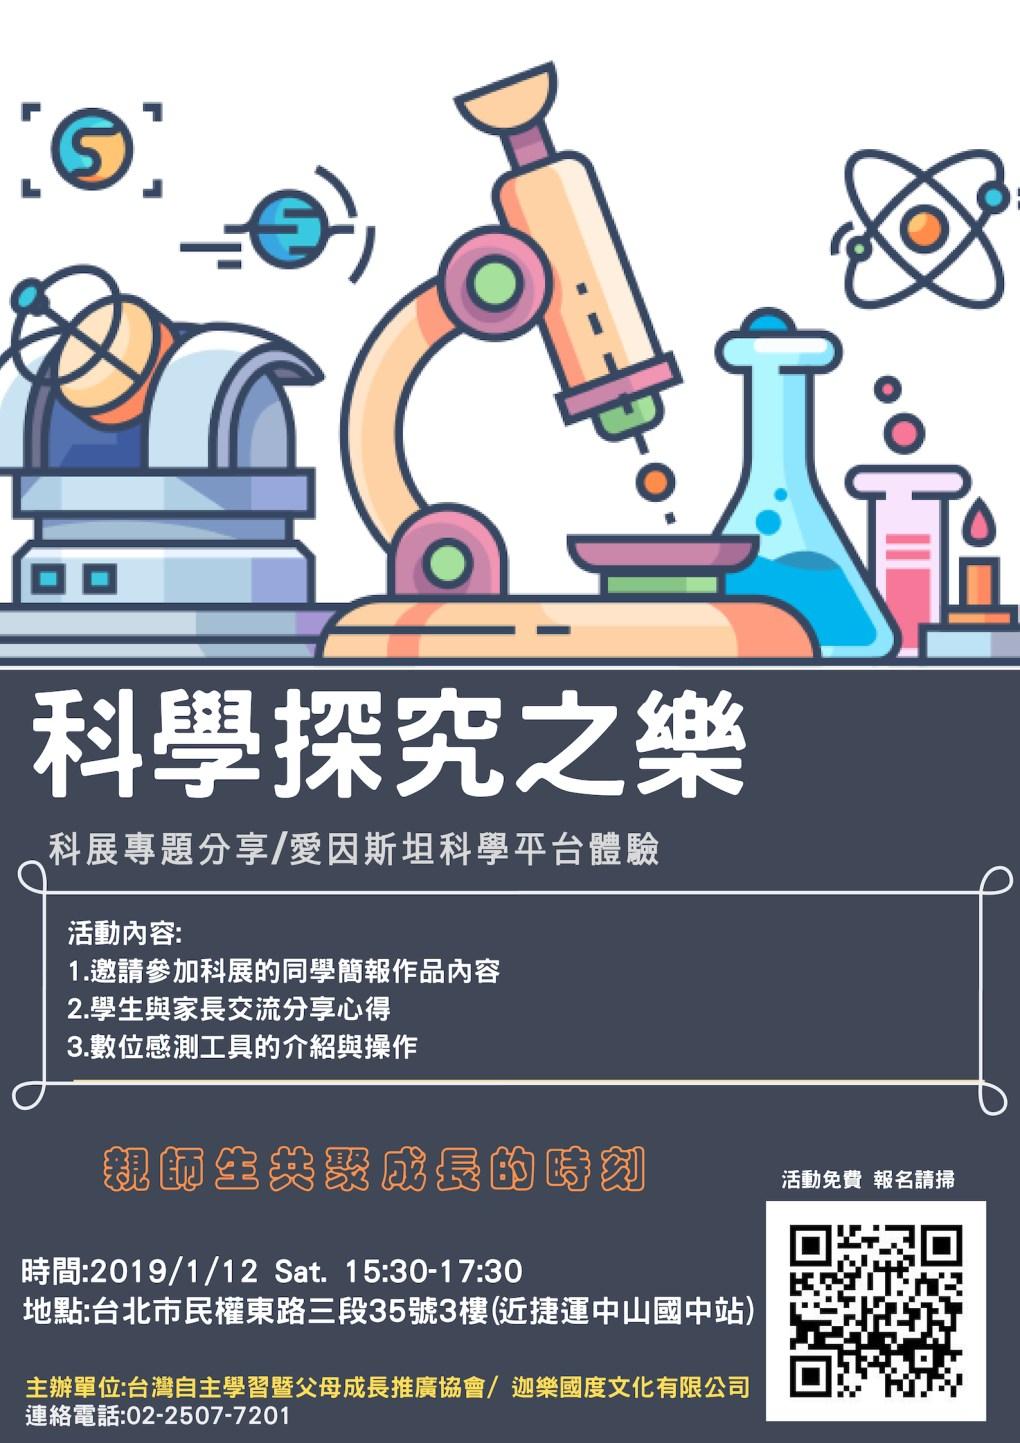 科學探究之樂-科展專題分享&愛因斯坦科學平台體驗